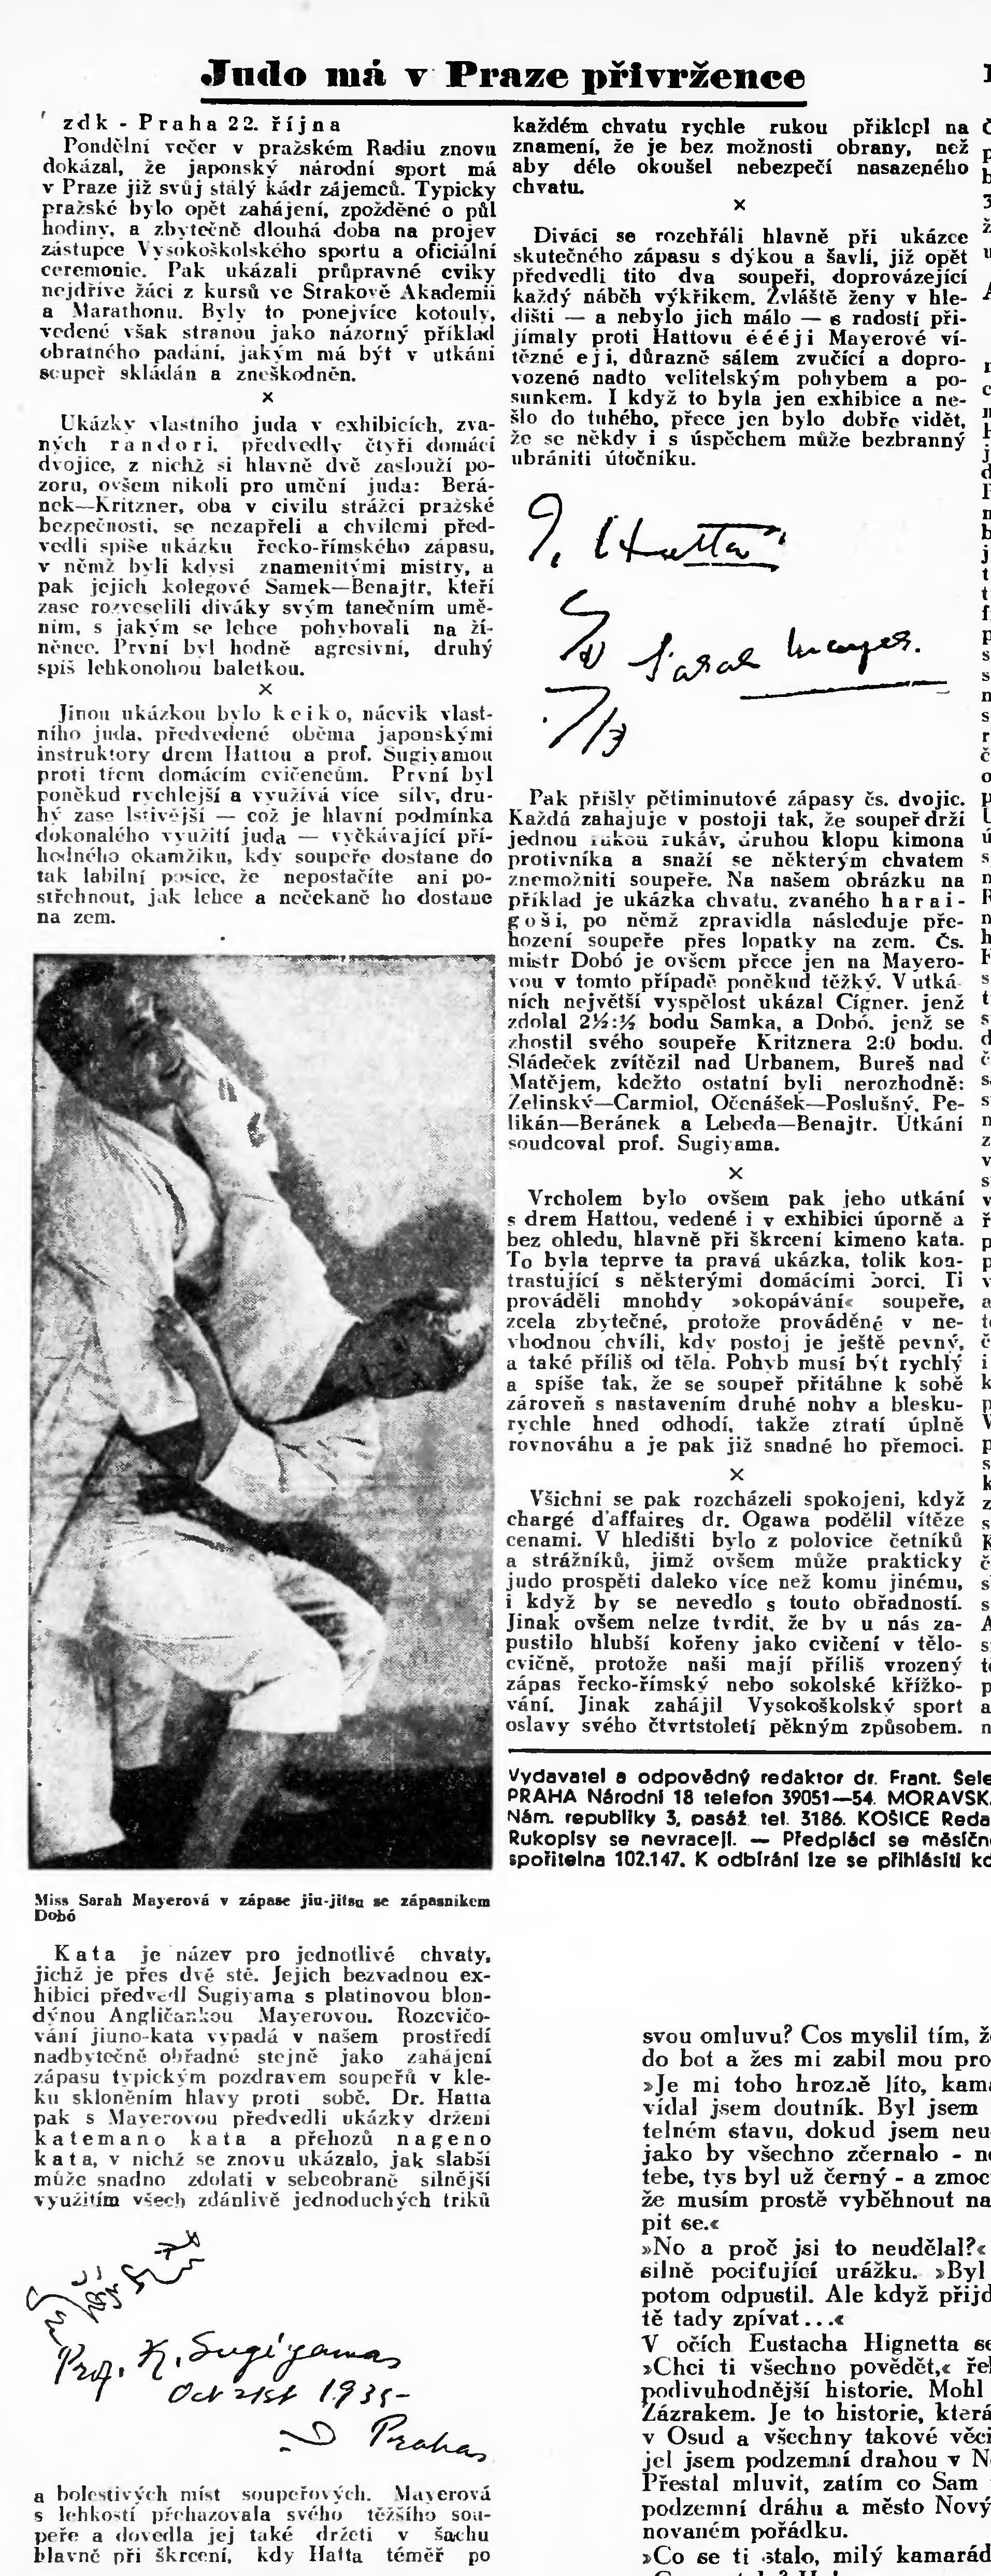 Jigoro Kano and his 3 visits Prague ( November 1912, September 1920, September 1936 ) 19351023NL_OJuduVRadioPalaci